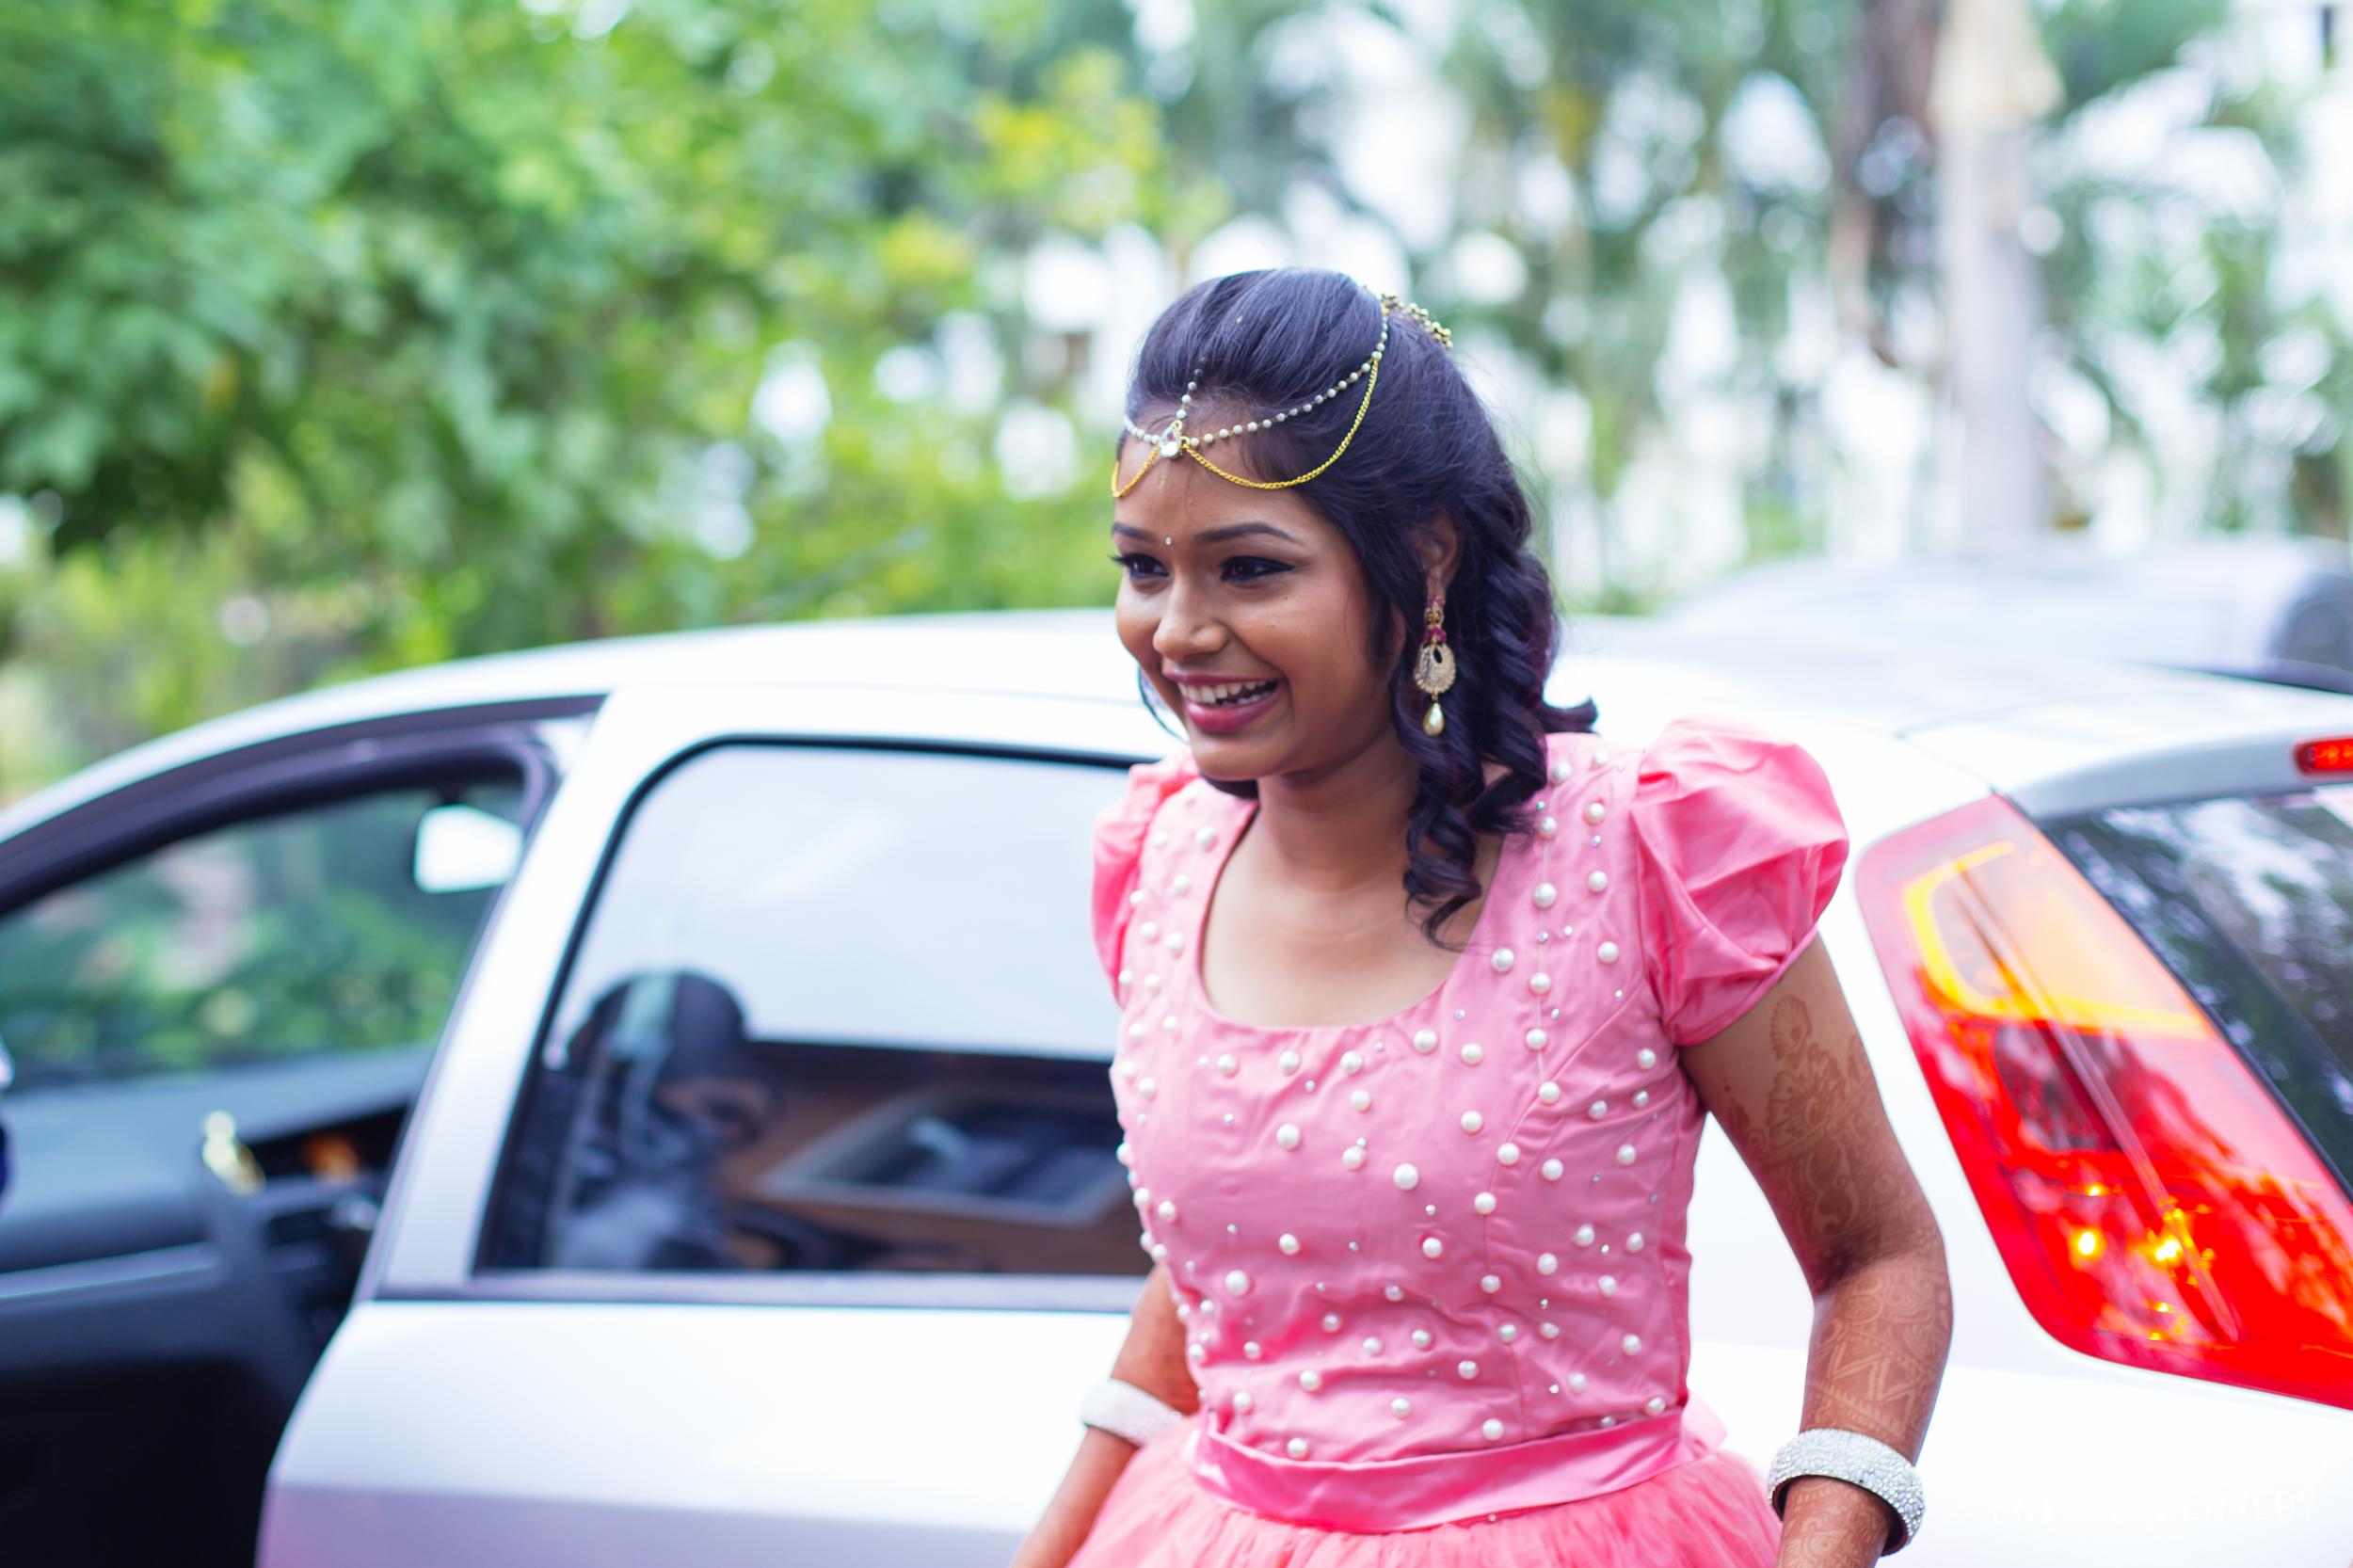 Engagement-Couple-Portrait-Portraiture-Wedding-Couple-Portrait-Chennai-Photographer-Candid-Photography-Destination-Best-Prince-Kennedy-Photography-3.jpg